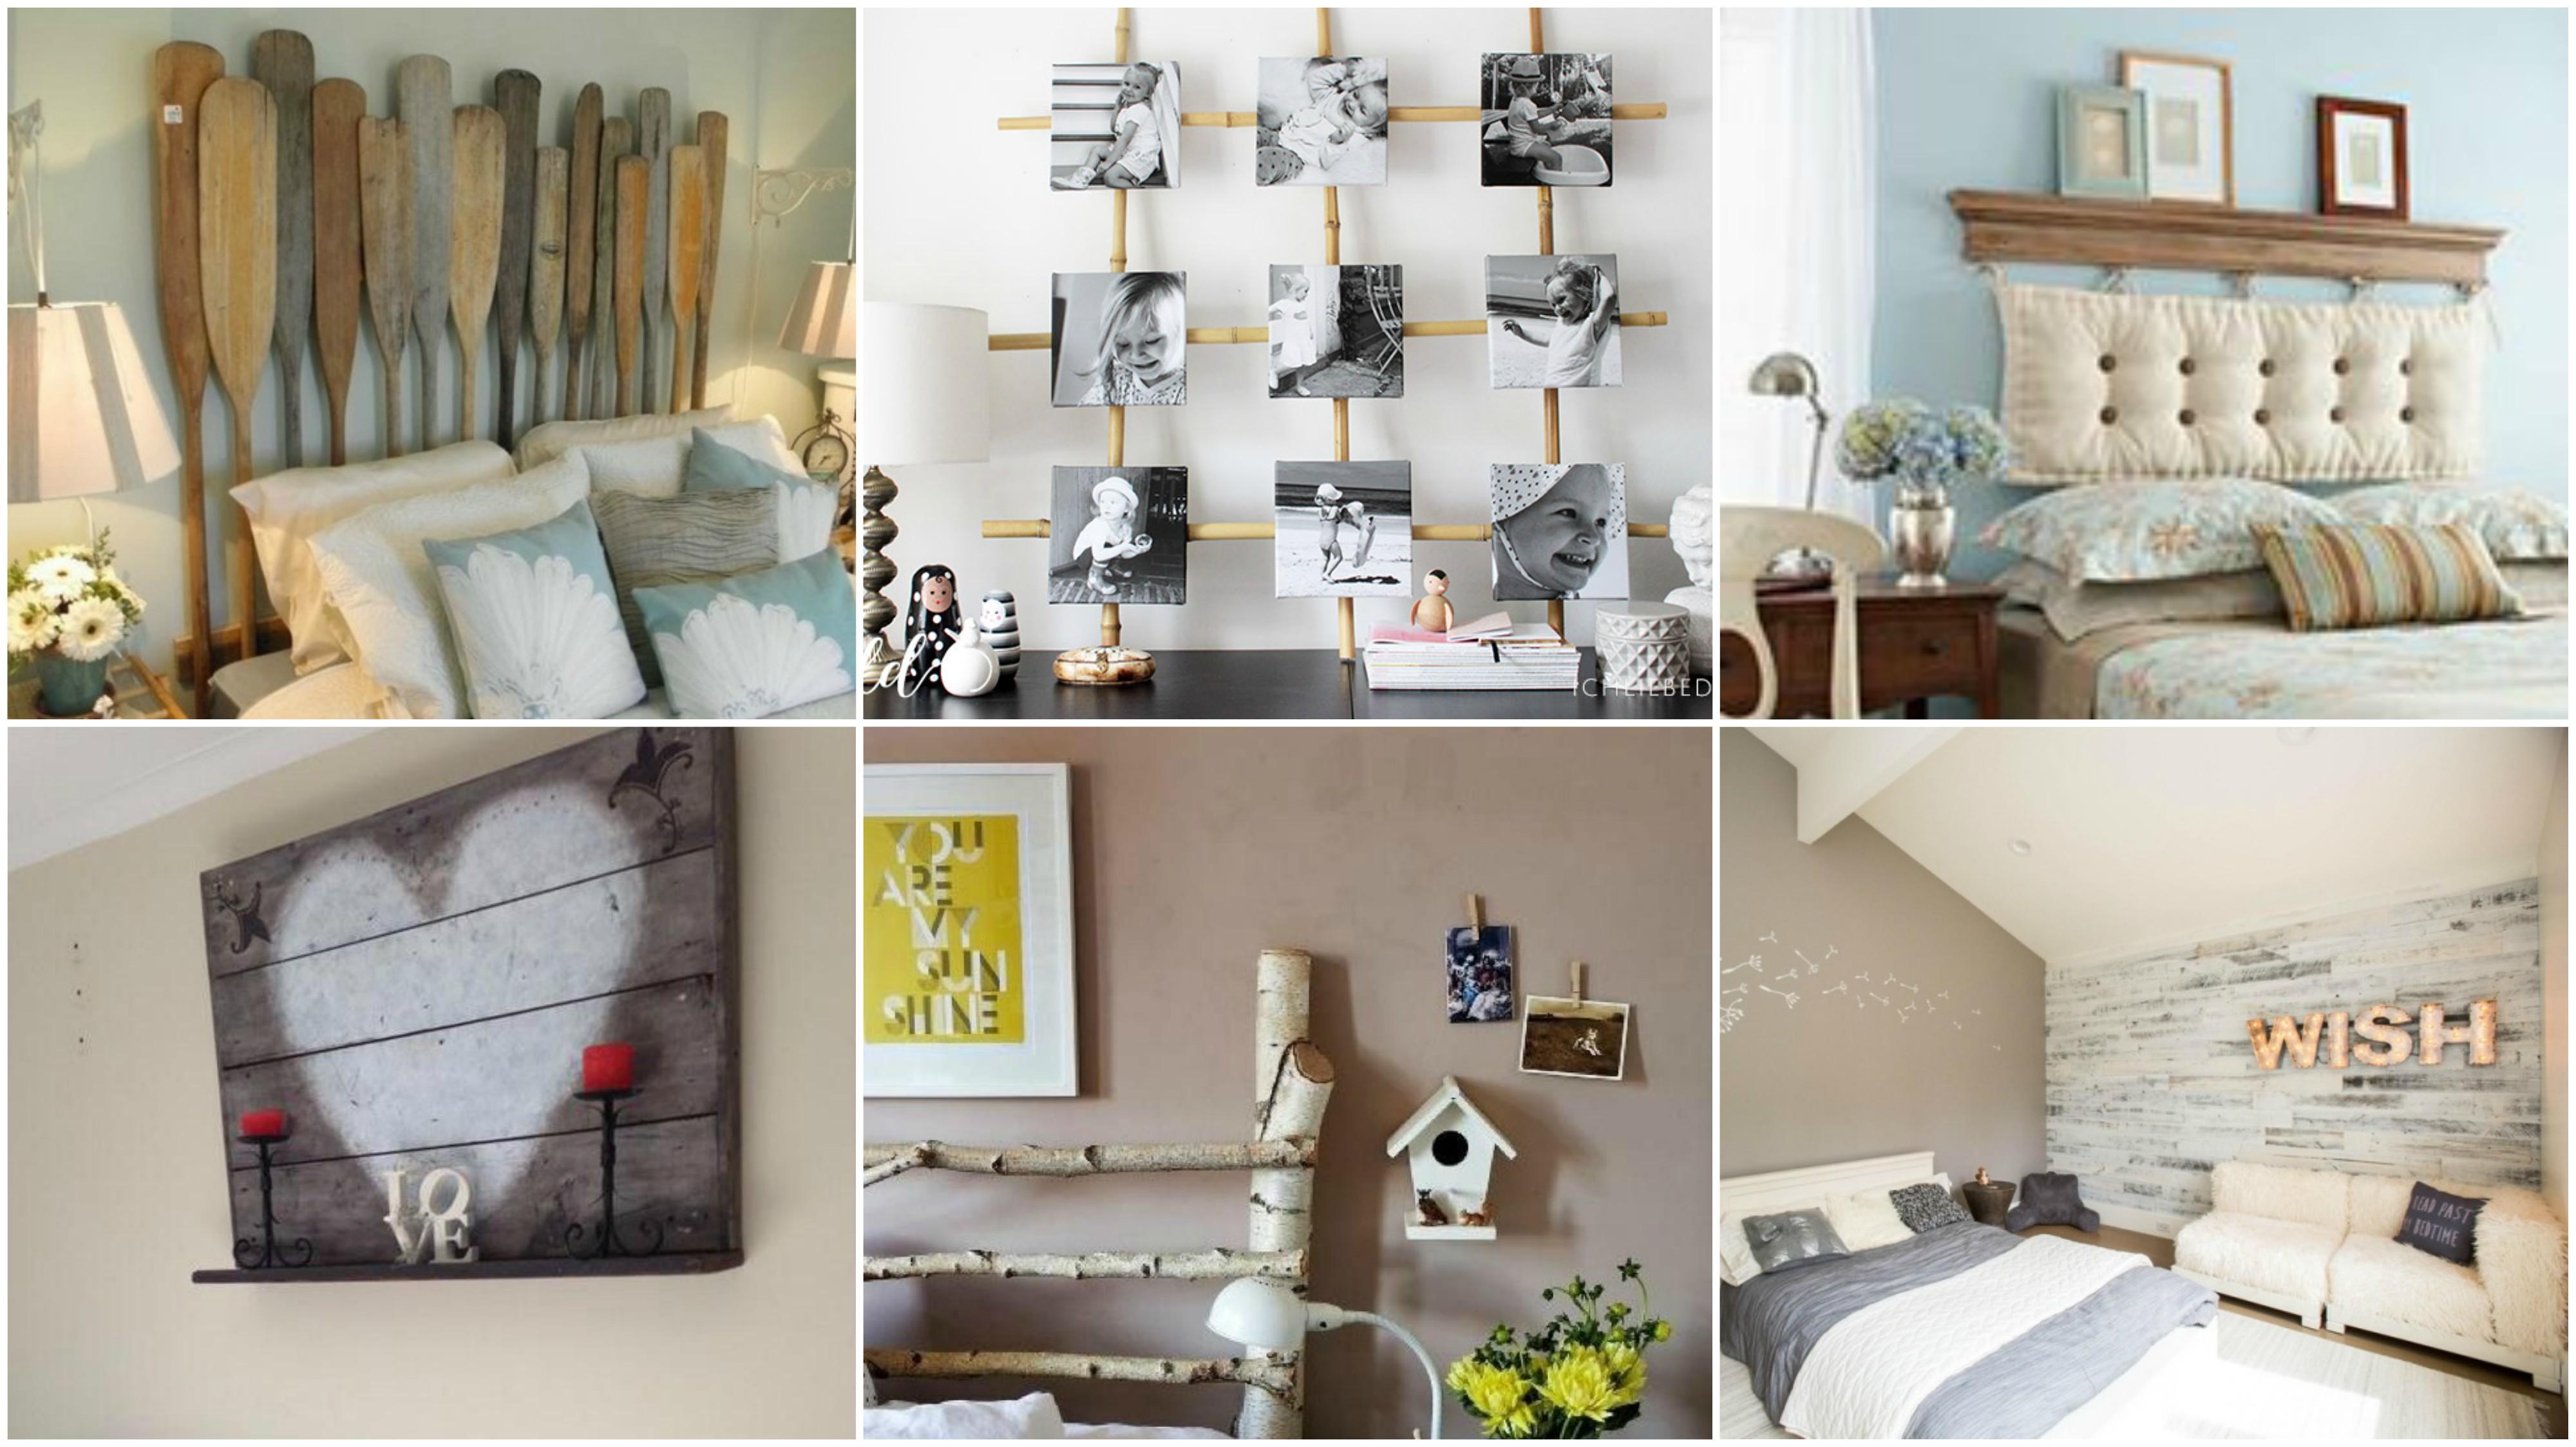 Schlafzimmer deko 15 super einfache ideen zum nachmachen for Ideen deko schlafzimmer